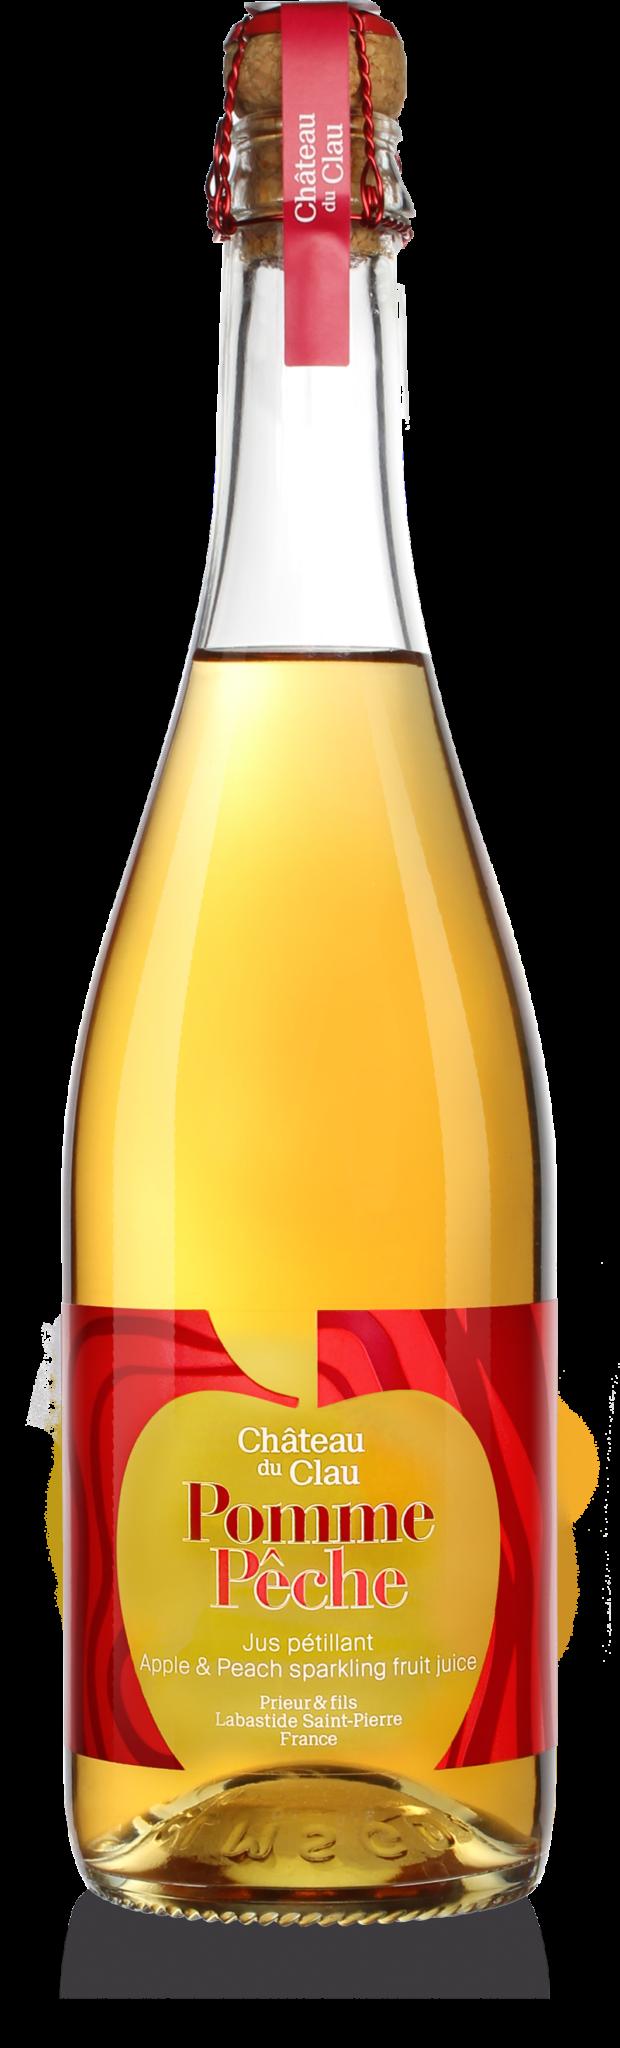 Petillant Pomme Pêche jus de fruits artisanal haut de gamme naturel Chateau du Clau